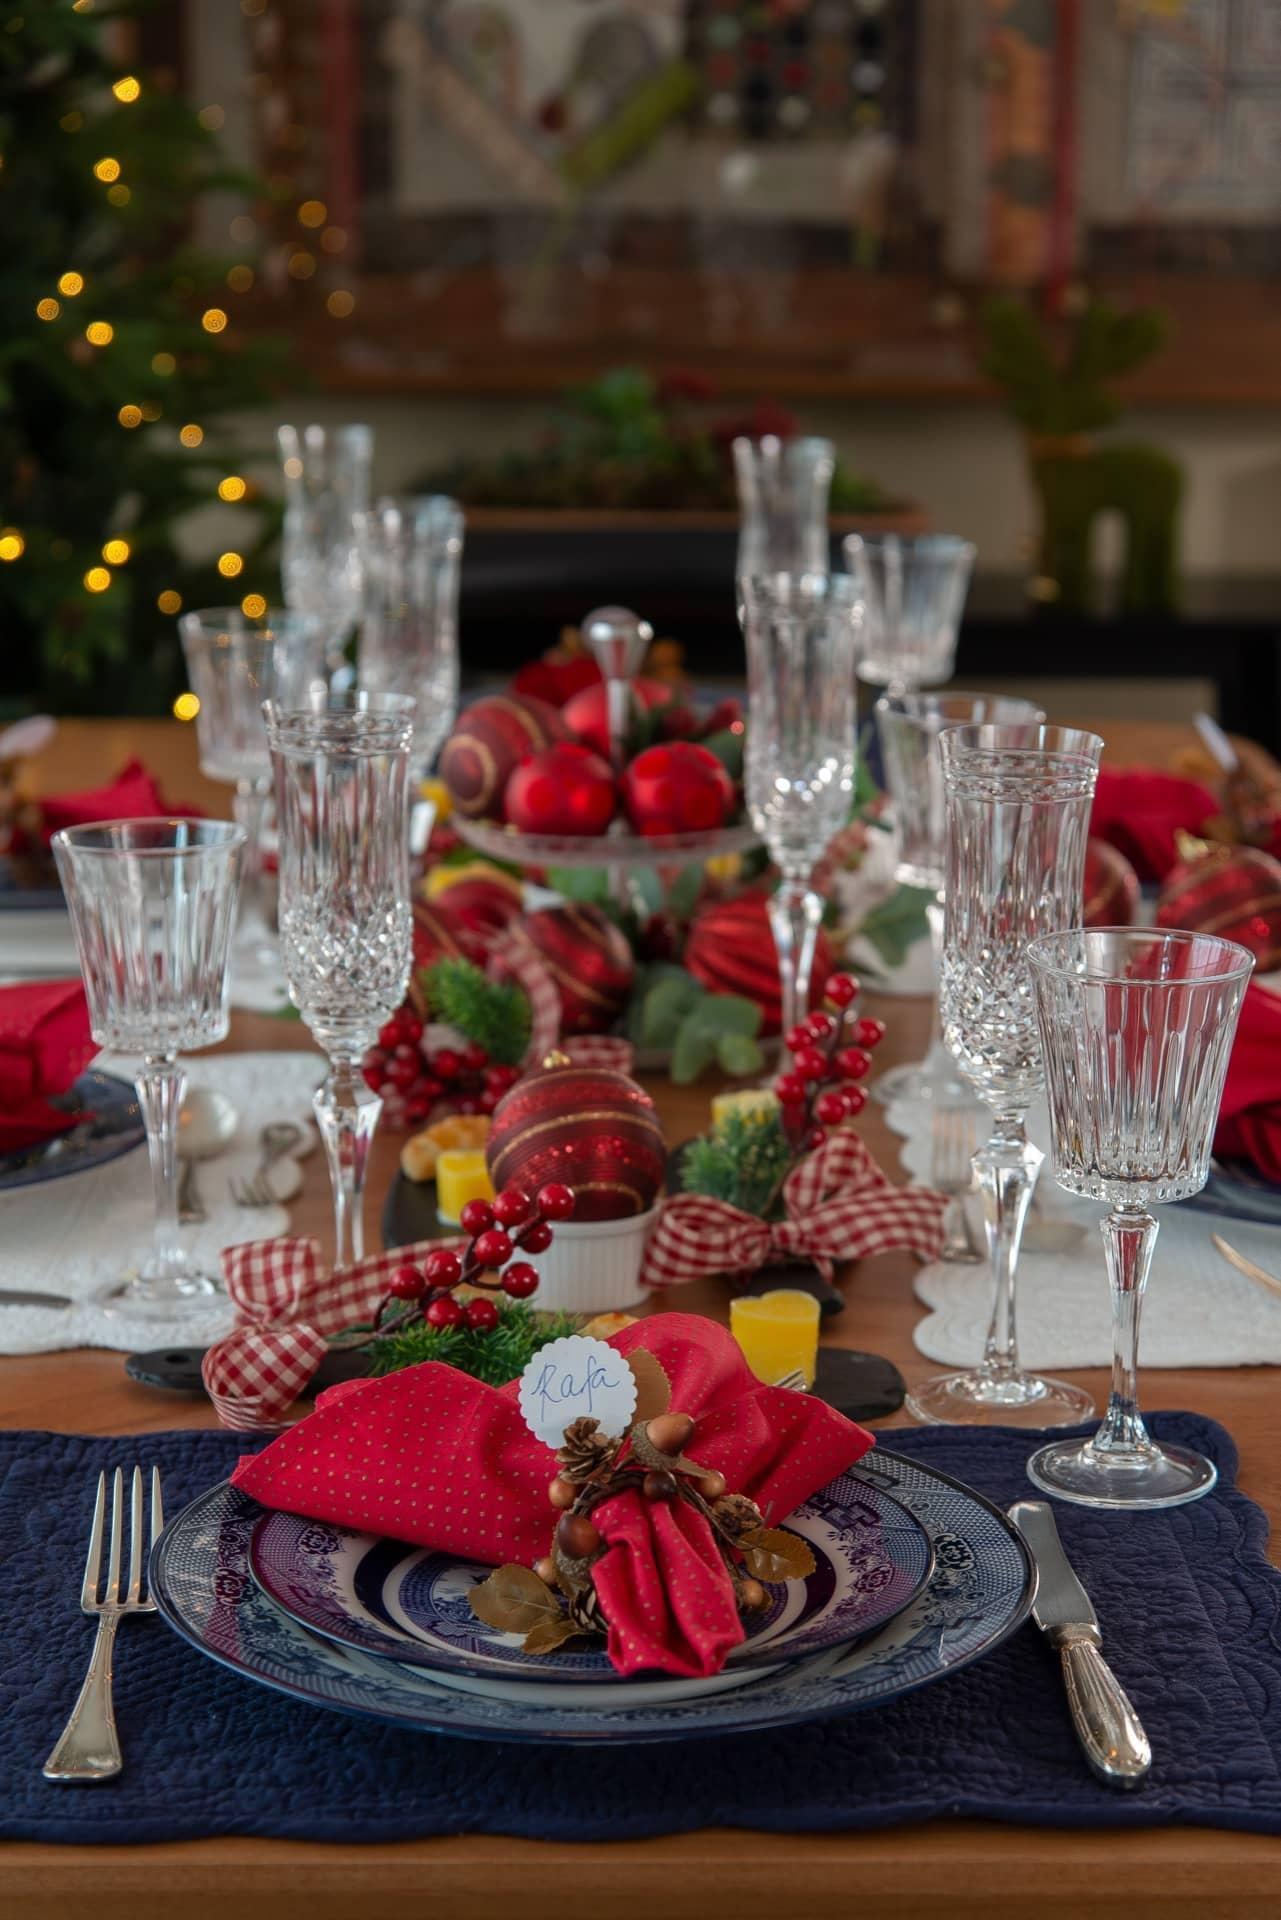 """Imagem: A combinação da Blue Willow, da Oxford, com os enfeites vermelhos dá um ar de inusitado à mesa de Natal. As taças de cristal lapidado seguem a tendência mix &amp; match. A taça de espumante é da <a href=""""https://www.strauss.com.br/linha/classicos/"""">Strauss</a> (modelo 237.007.068). E a taça de vinho é da Biona, à venda em revendedores de todo país. Foto: Cacá Bratke"""